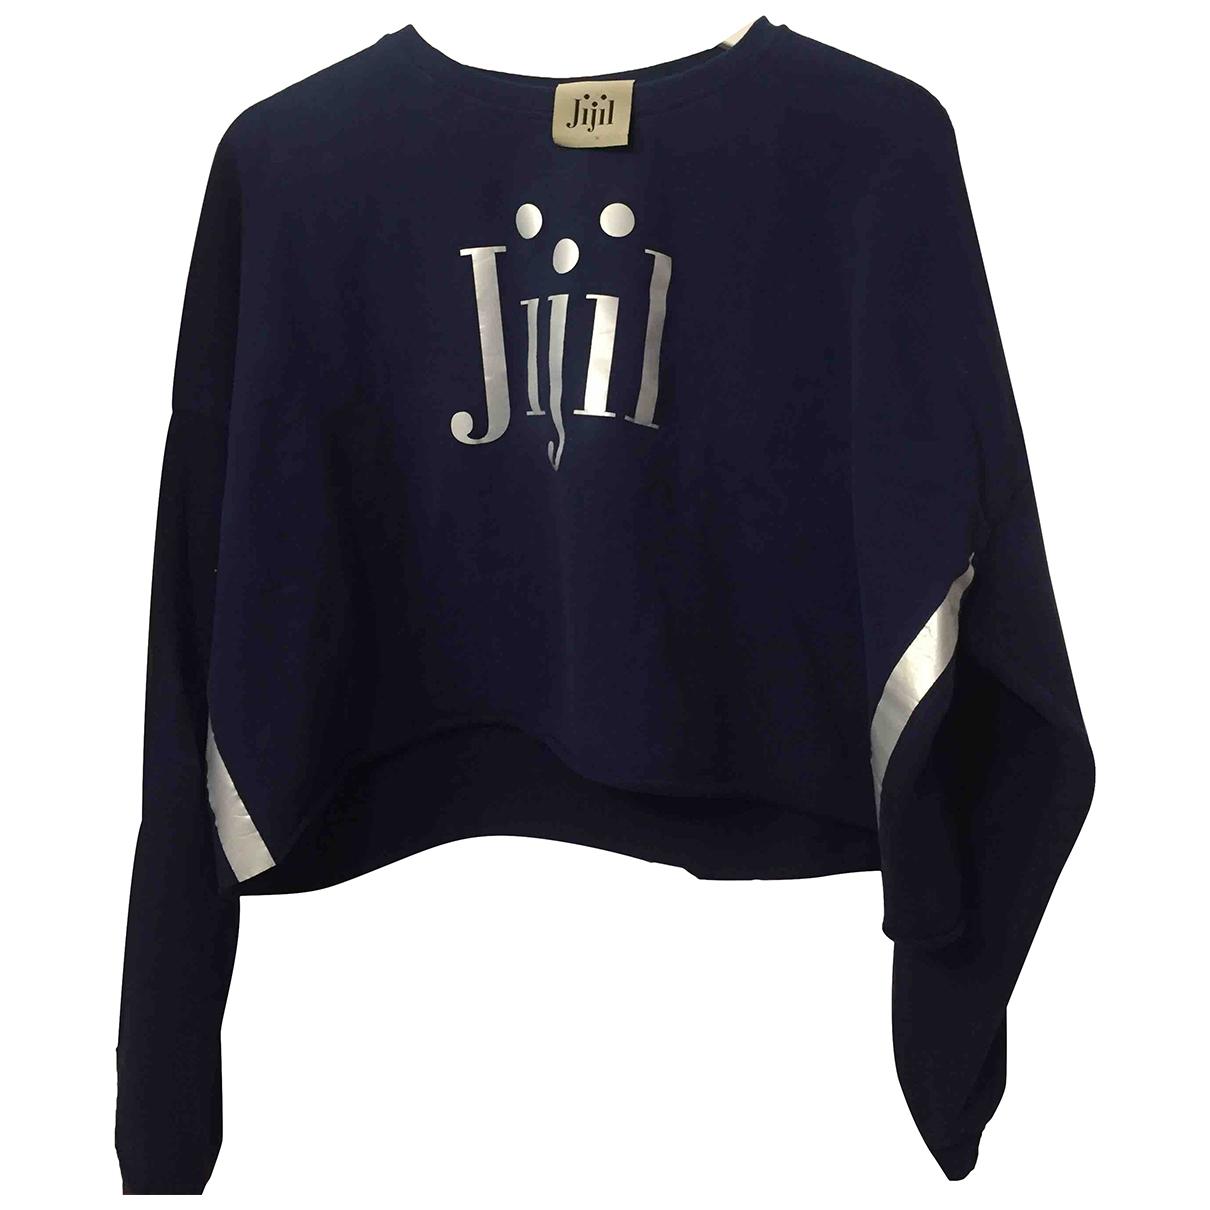 Jijil - Pull   pour femme en coton - bleu